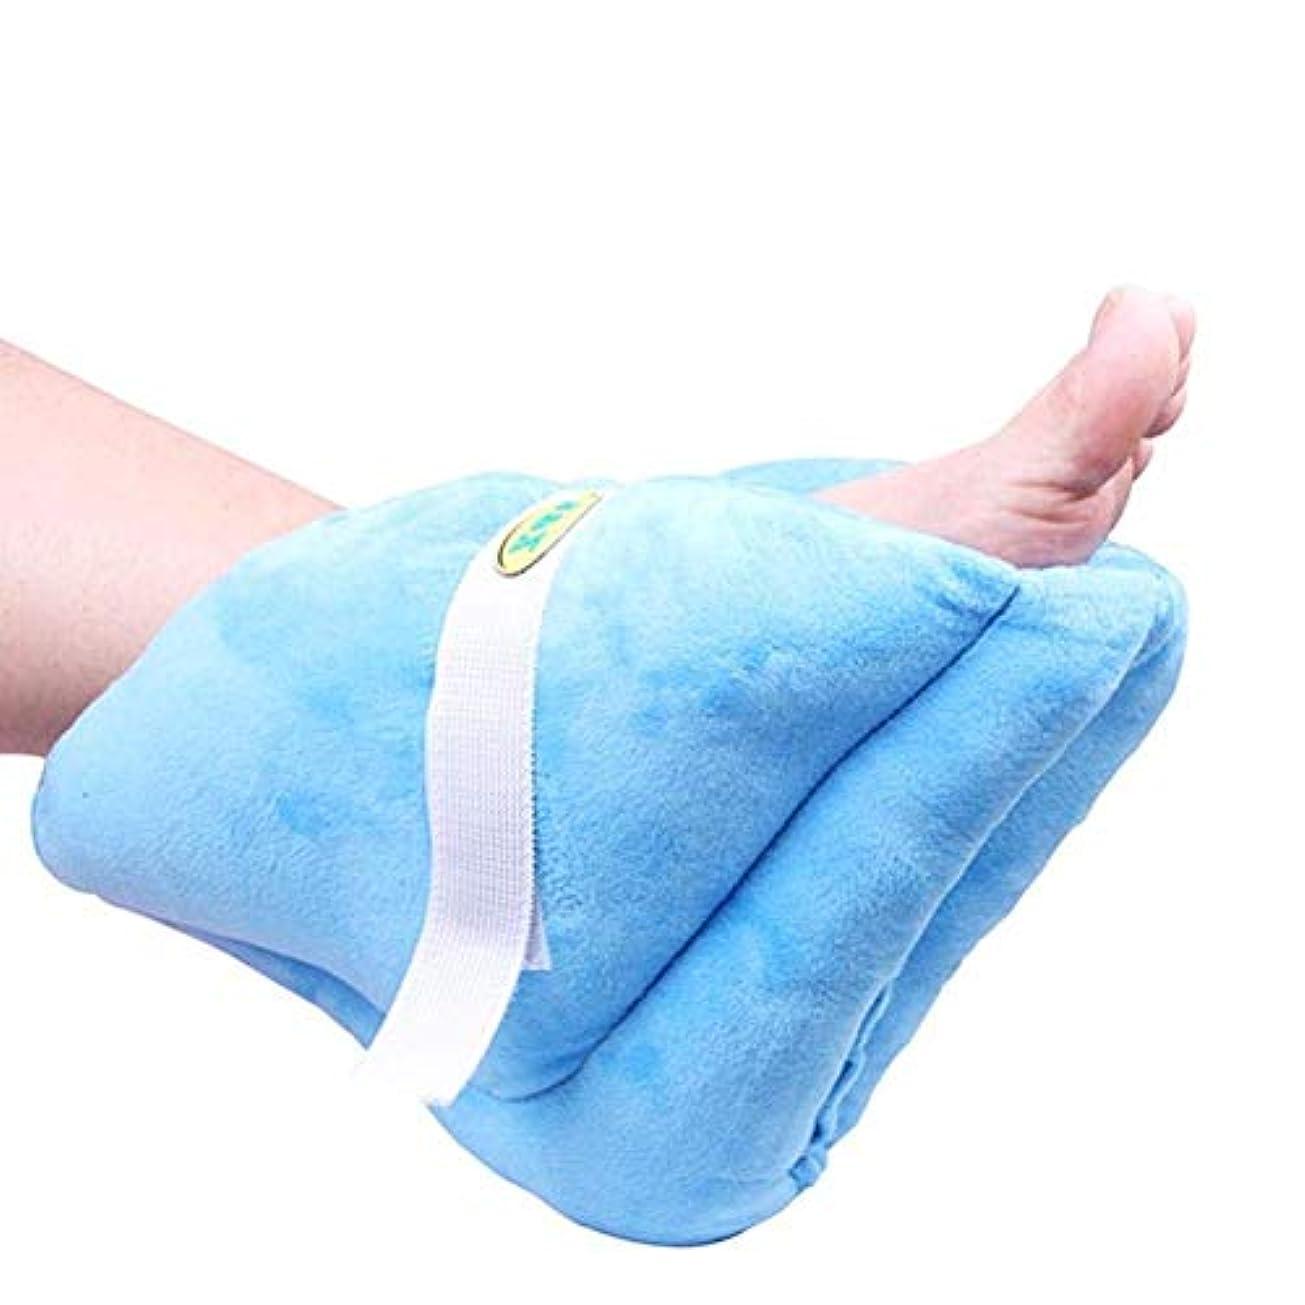 消去白内障悪のヒールプロテクタークッション - フットプロテクターピローブーツ - 褥瘡の予防と足圧を軽減するためのフットサポートピロー